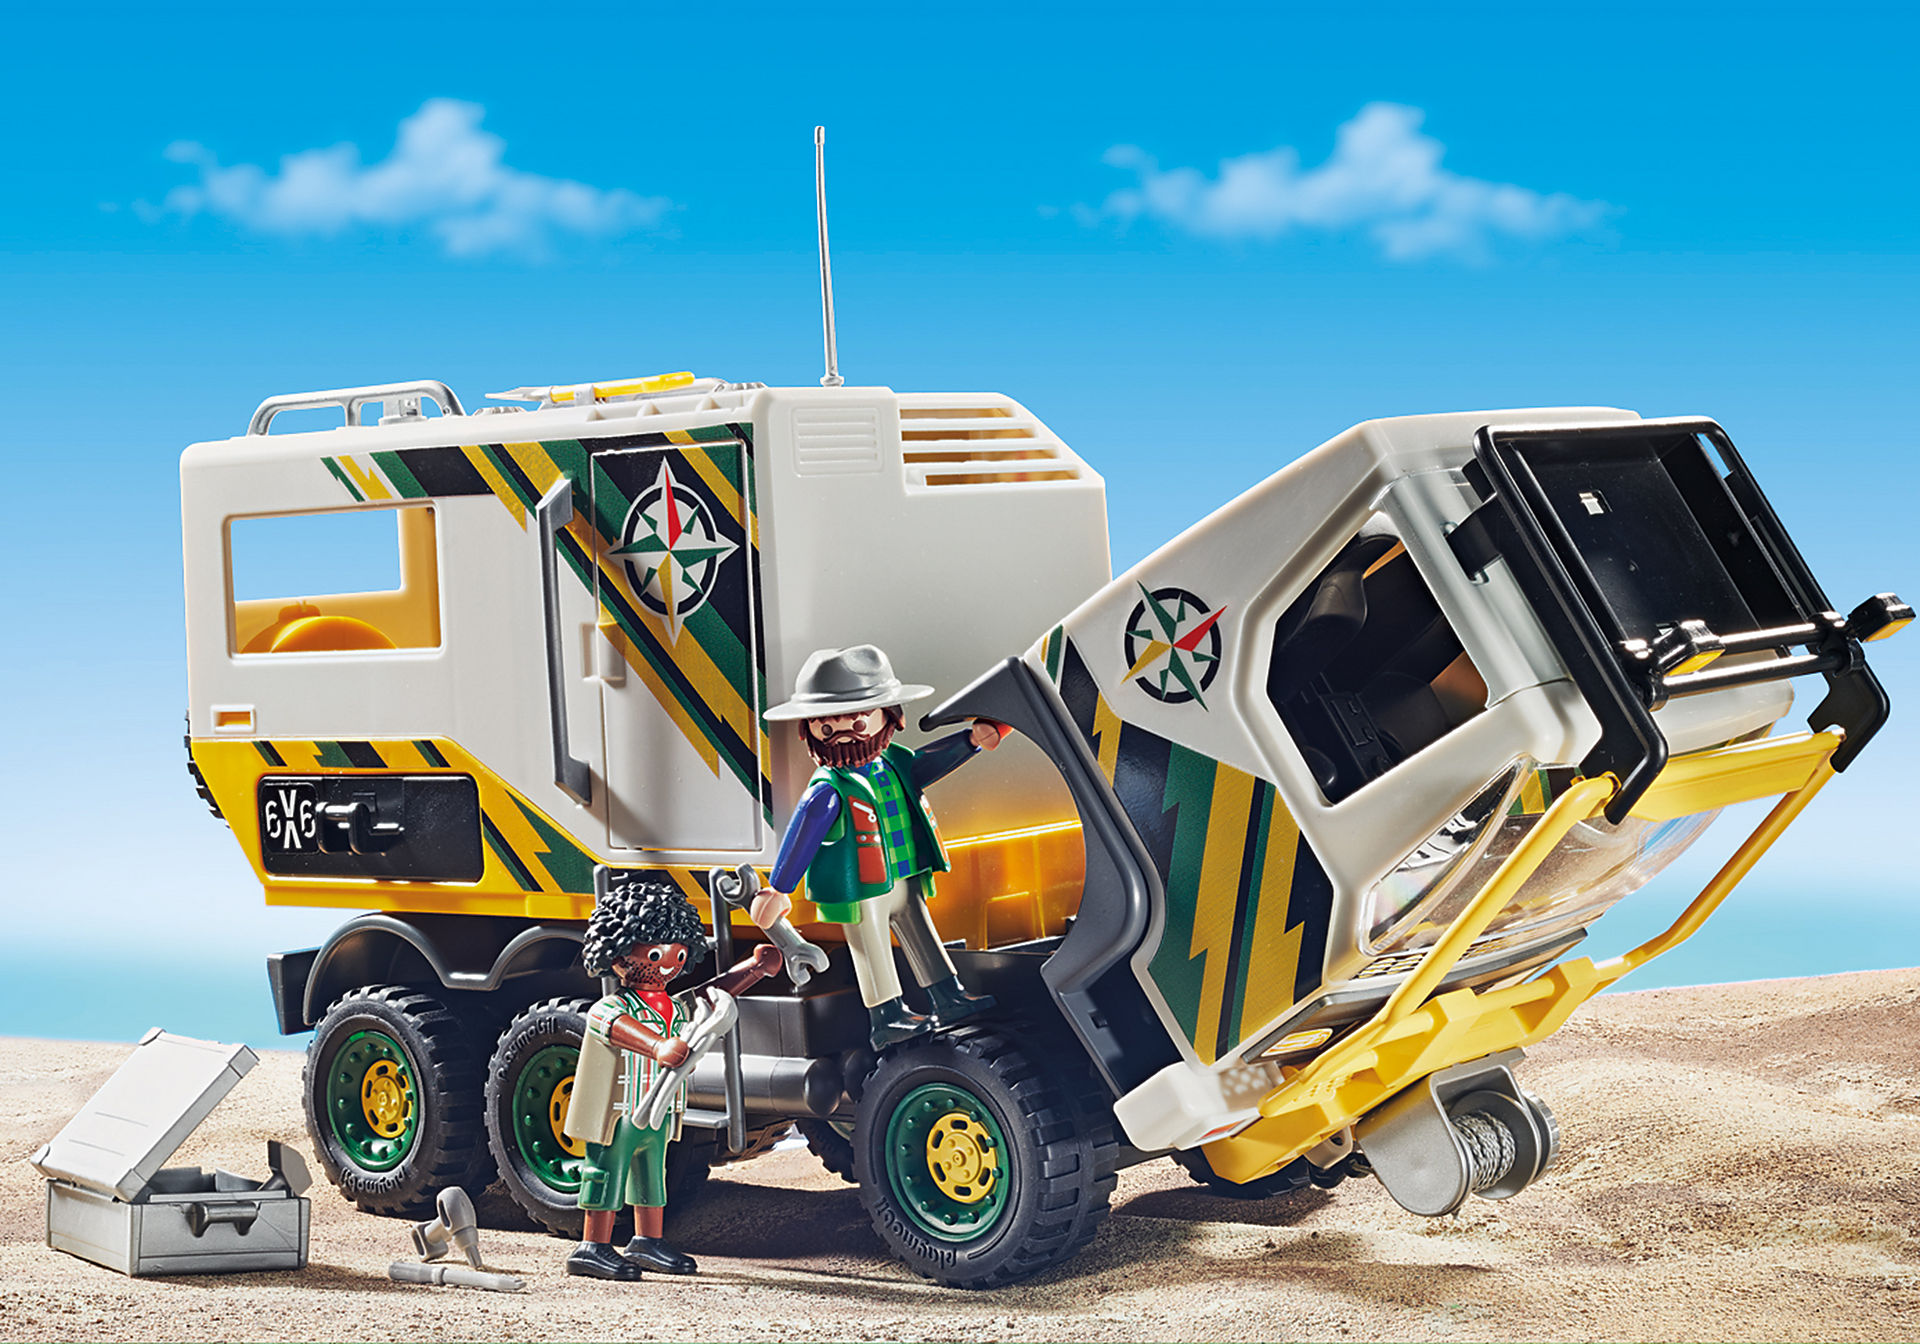 70278 Camion della Missione Avventura zoom image5